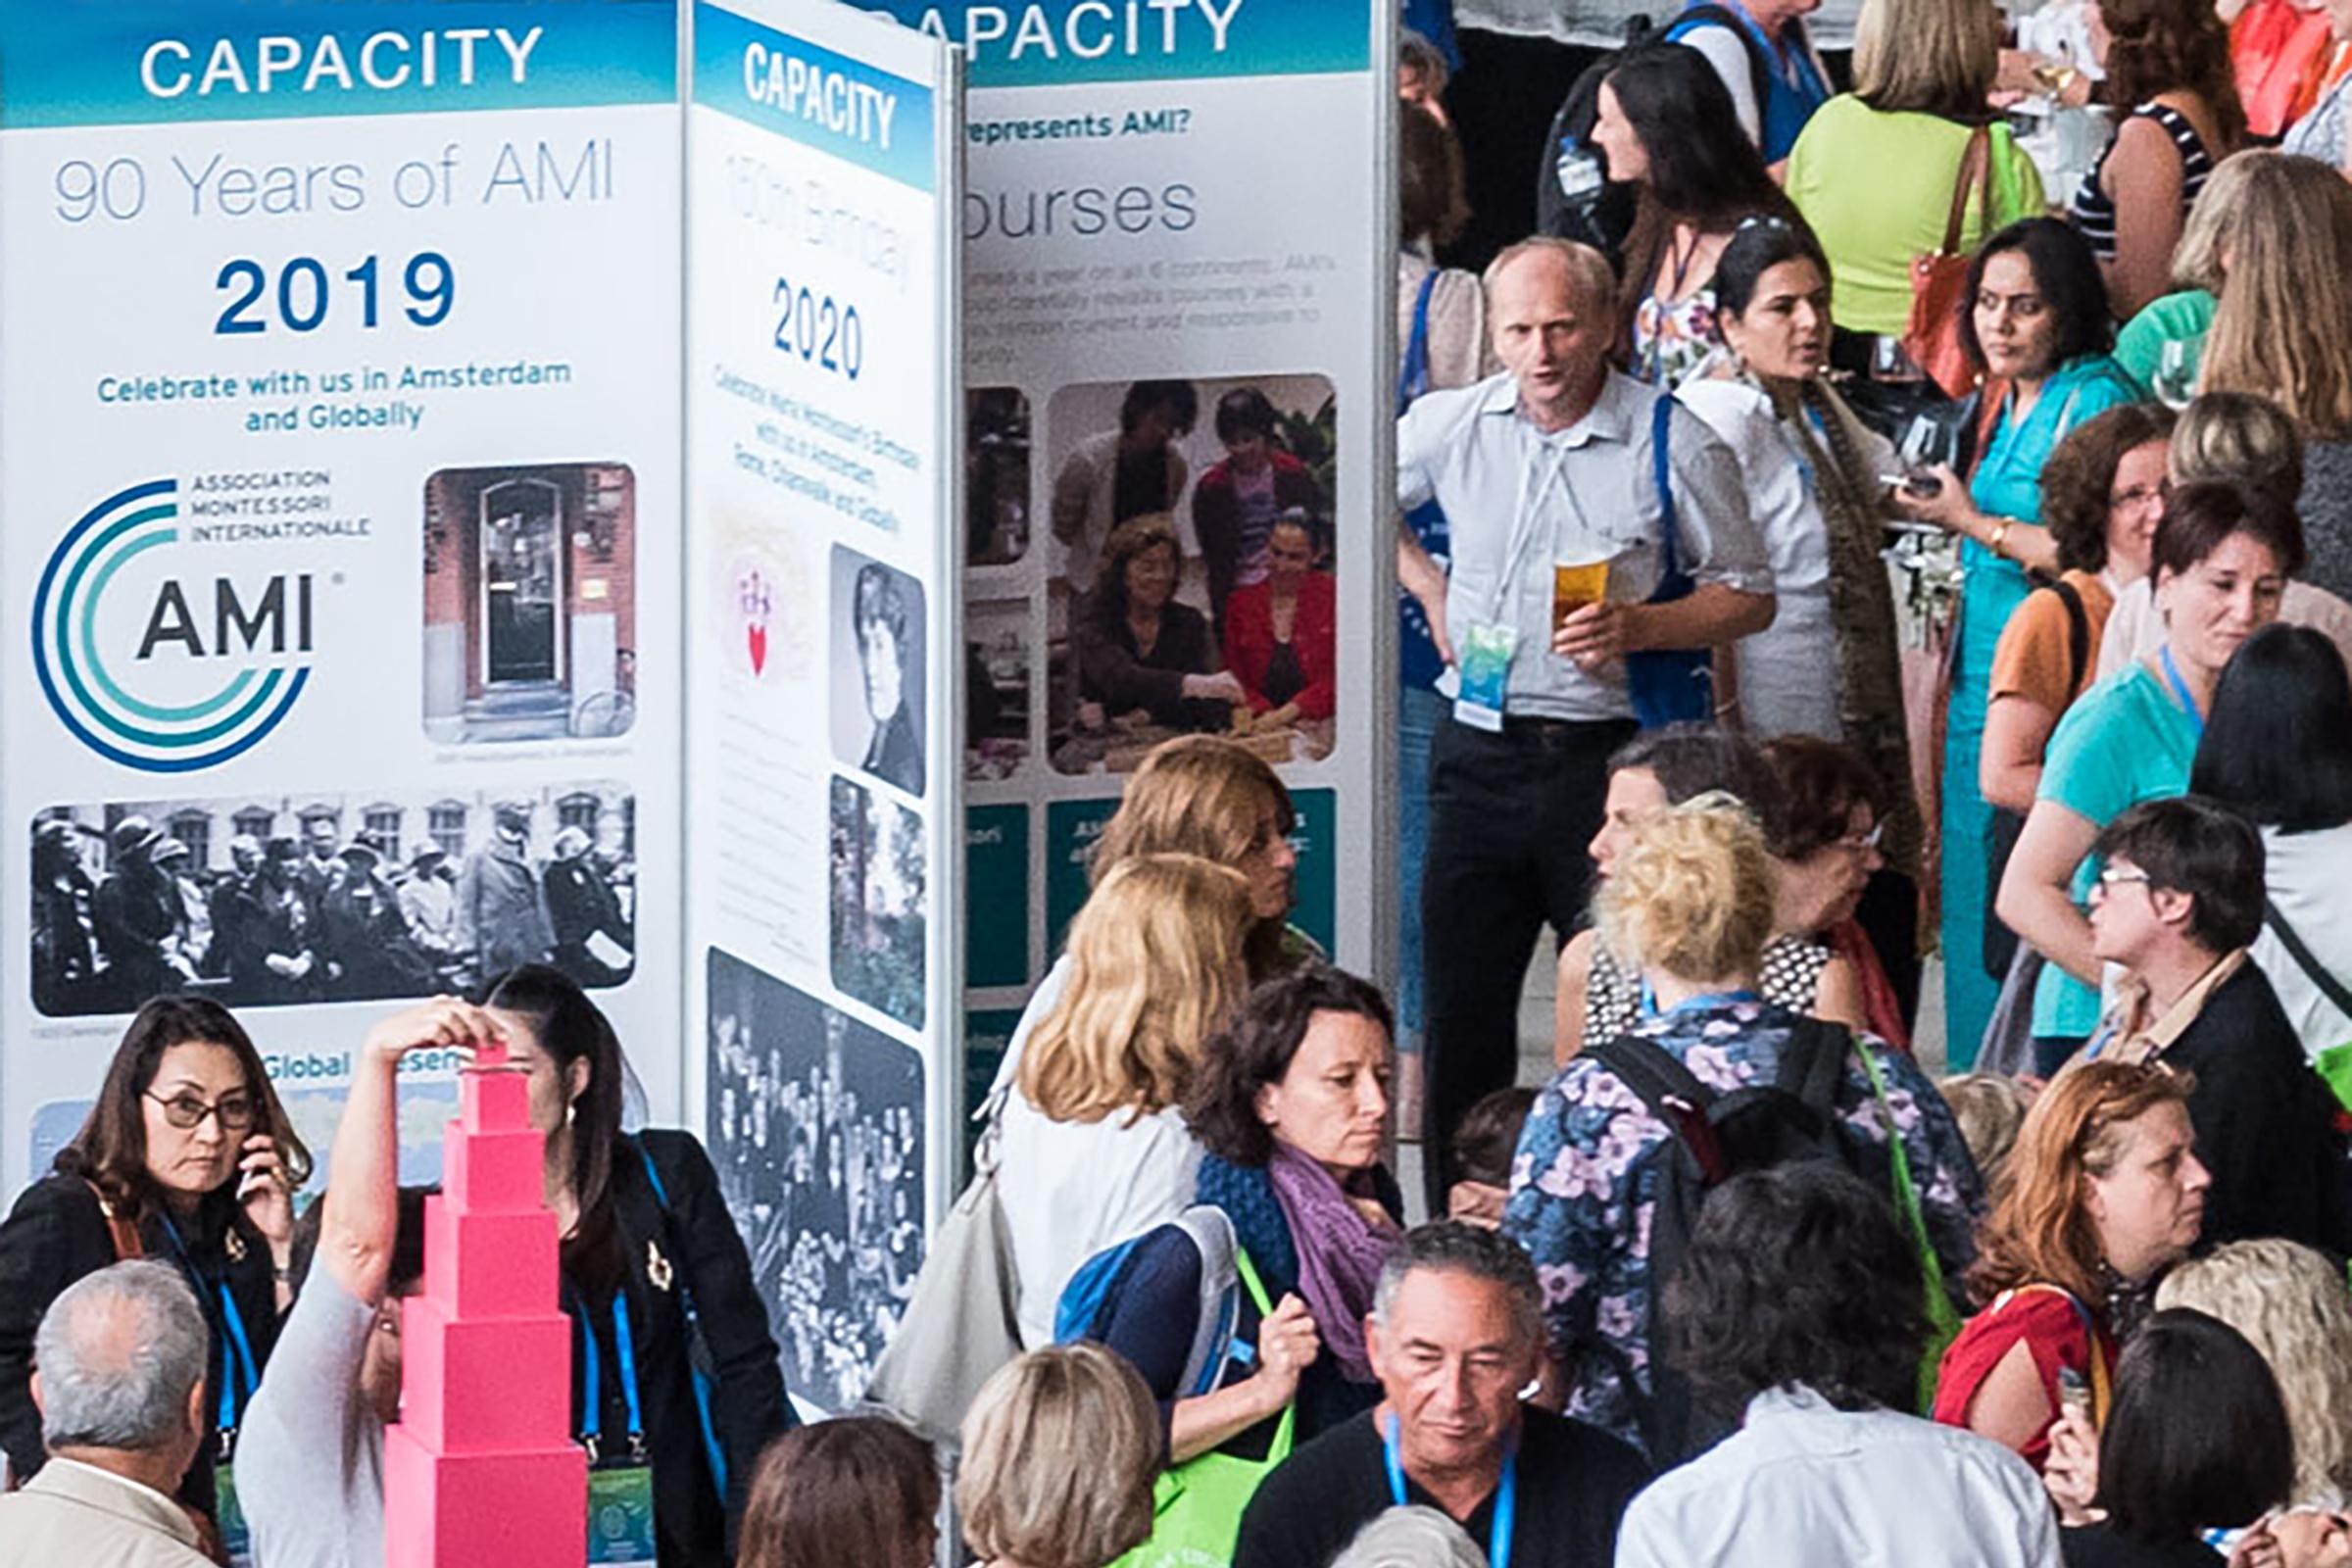 AMI's Capacity AMI Pavilion 2017 Congress